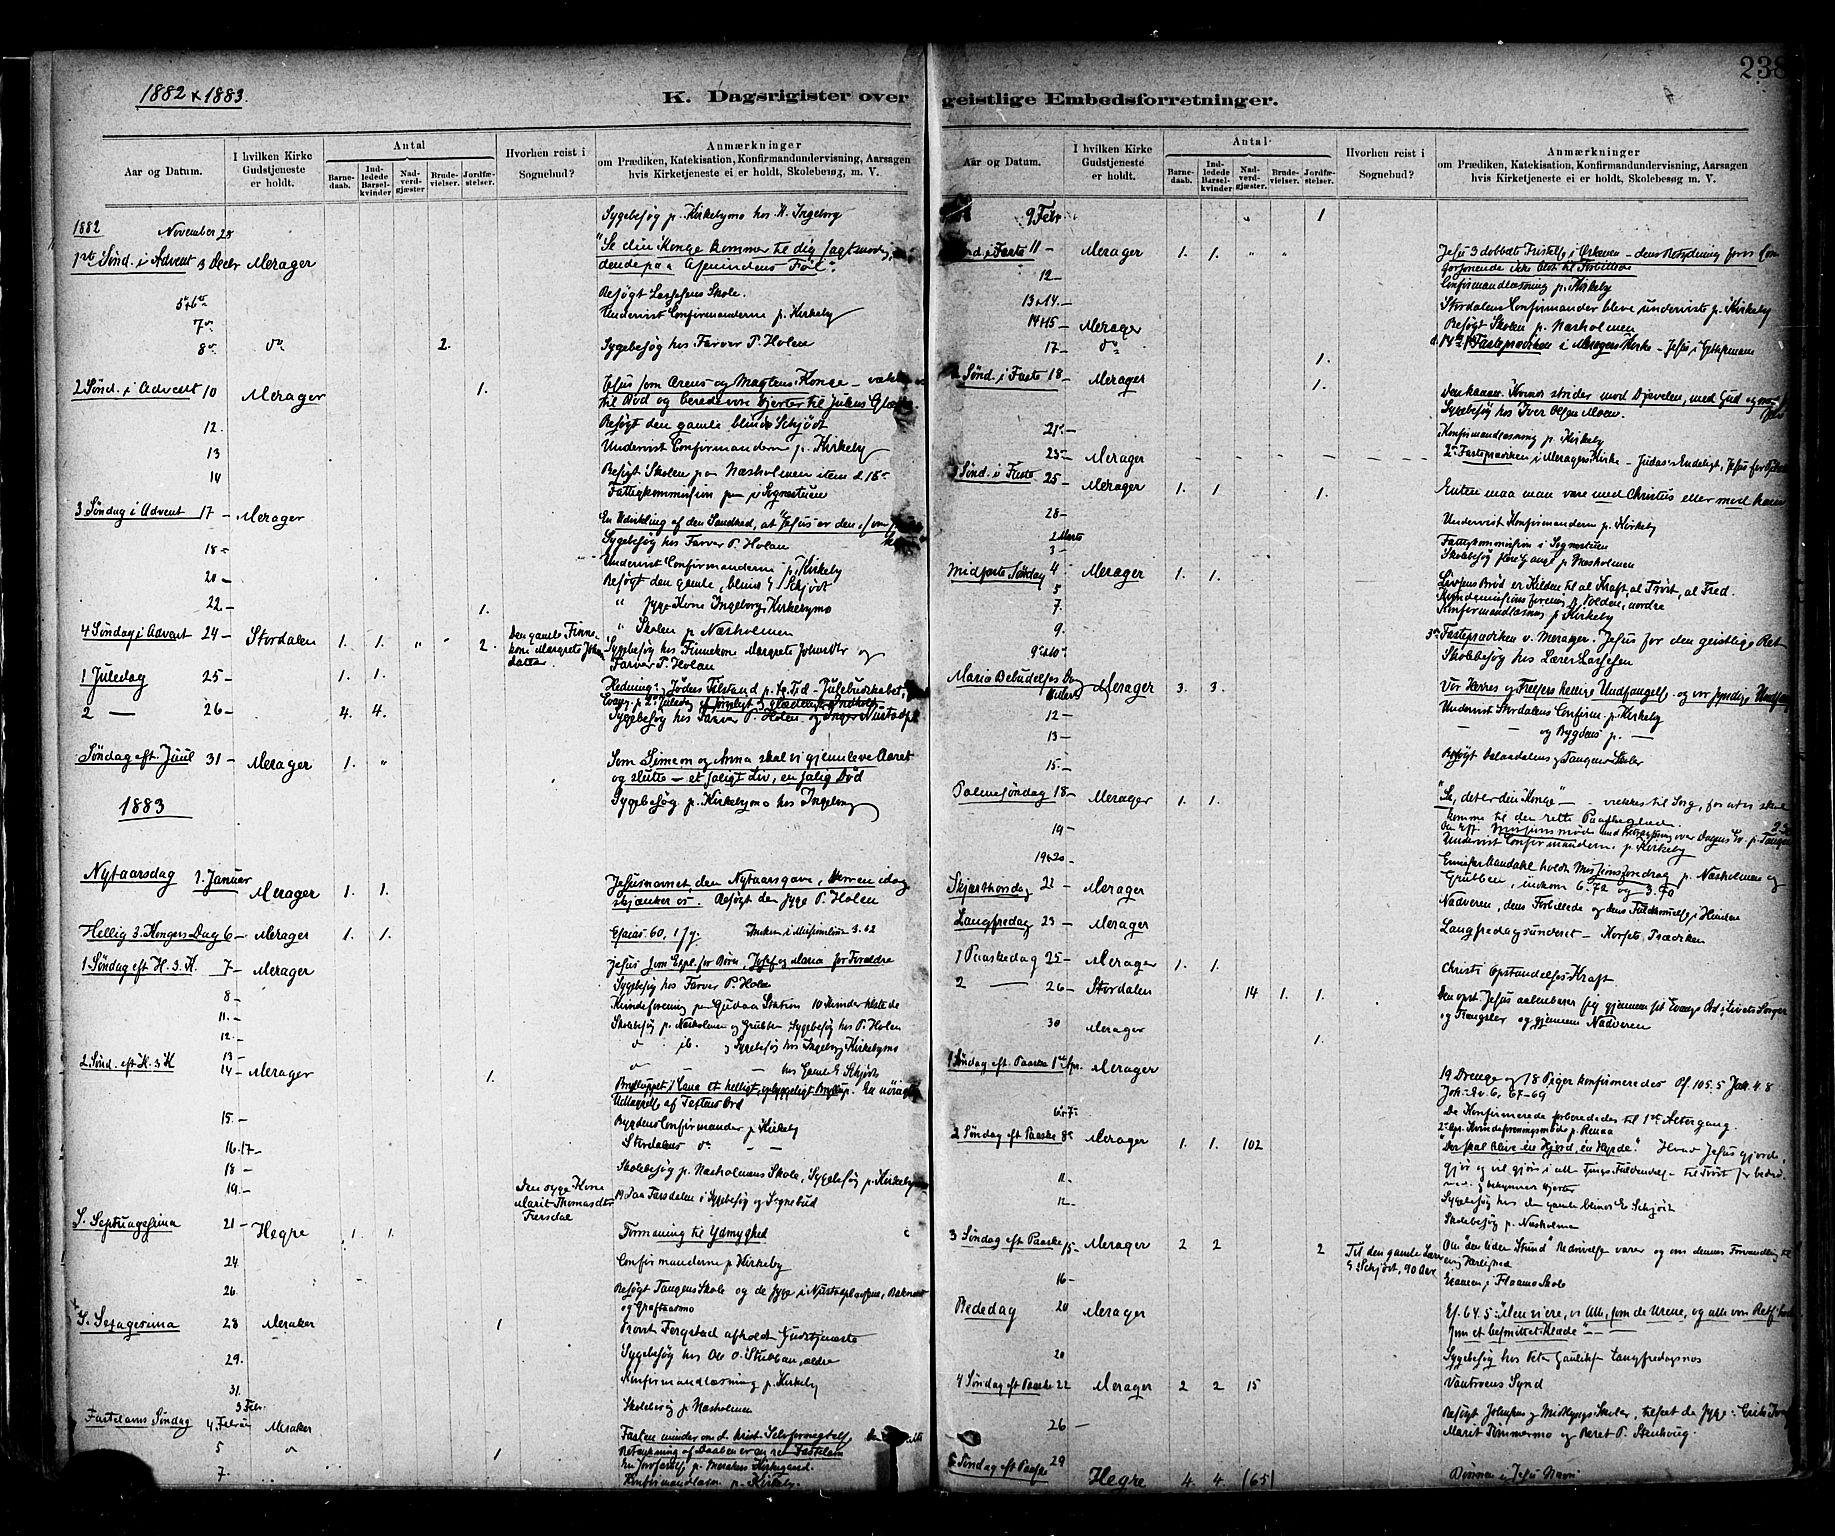 SAT, Ministerialprotokoller, klokkerbøker og fødselsregistre - Nord-Trøndelag, 706/L0047: Parish register (official) no. 706A03, 1878-1892, p. 238